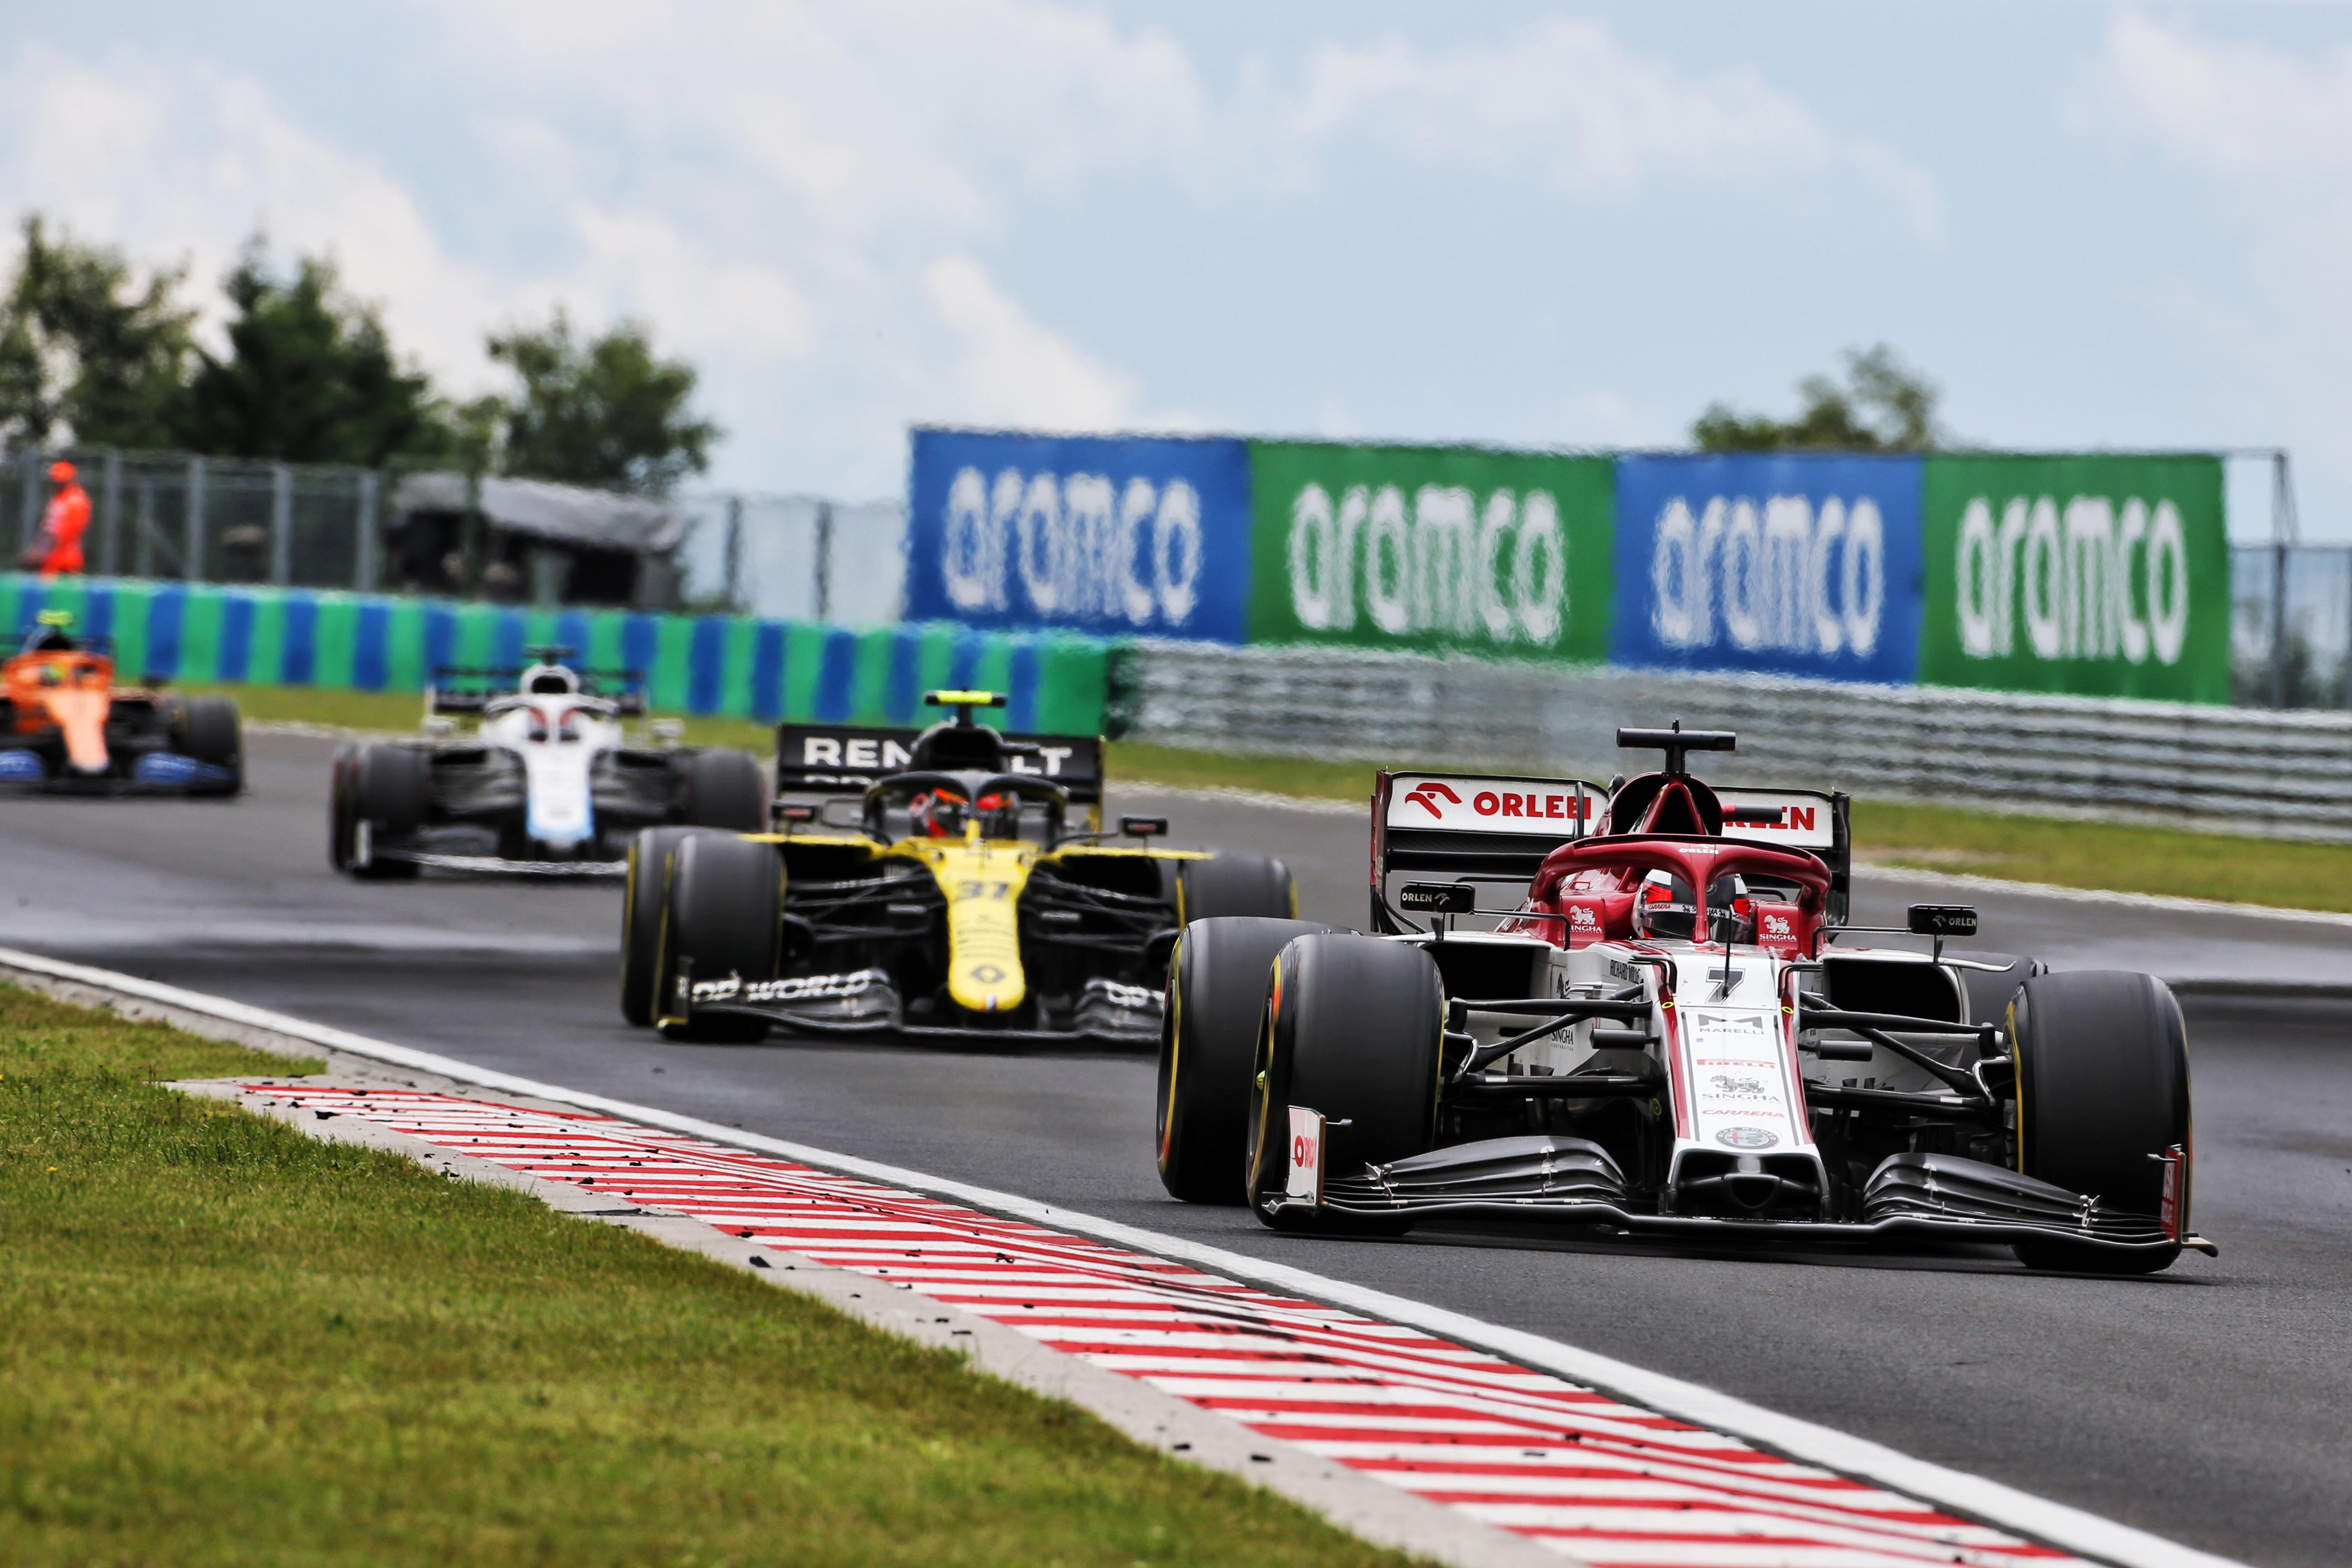 Kimi Raikkonen Alfa Romeo Hungarian Grand Prix 2020